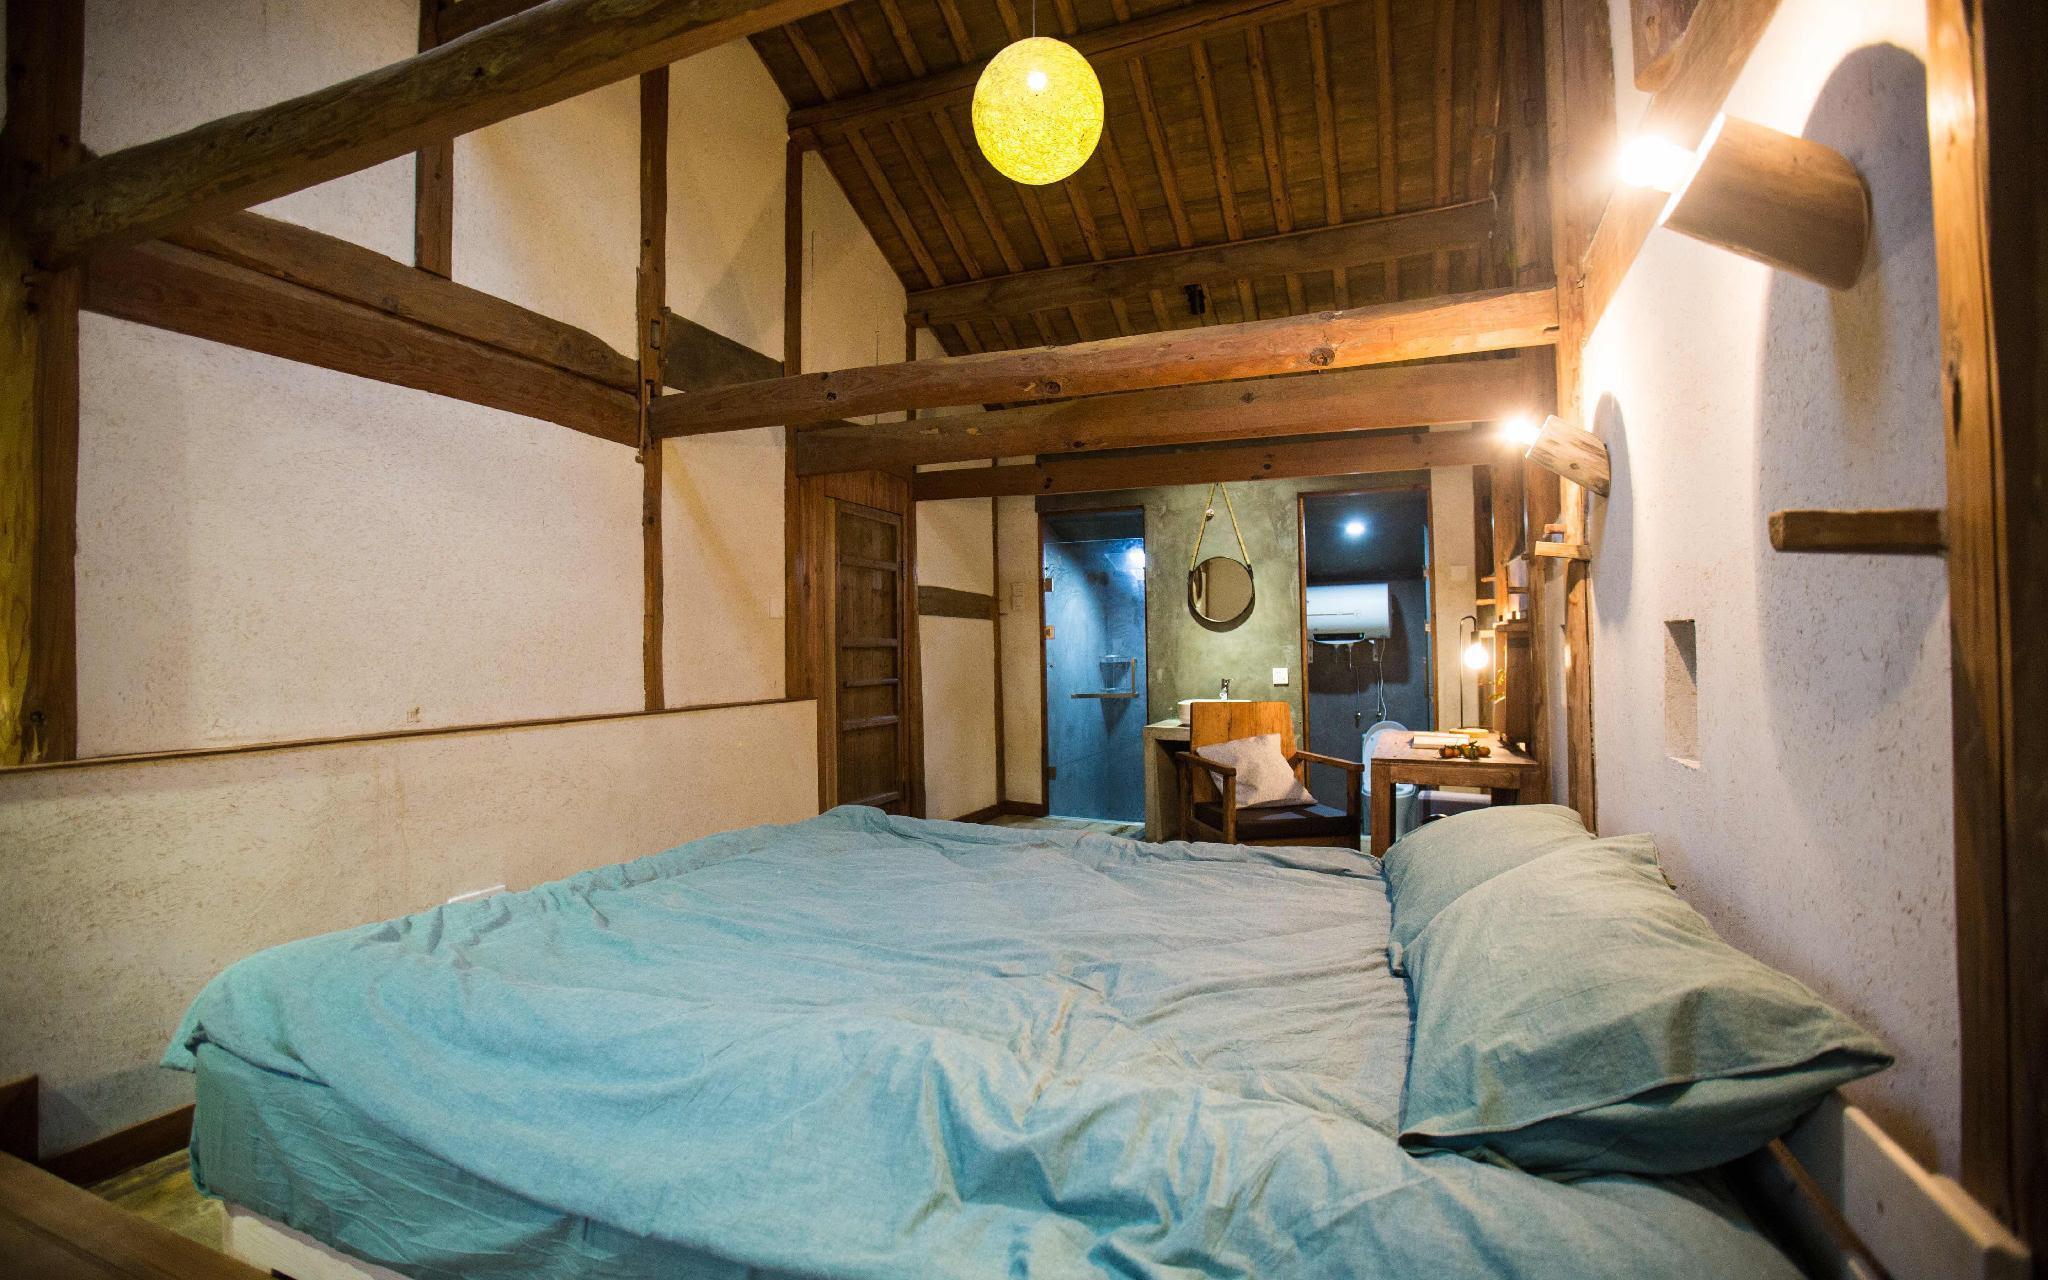 hotel near Huangshan YUANXIANG BISHAN Homestay Cozy Double Room